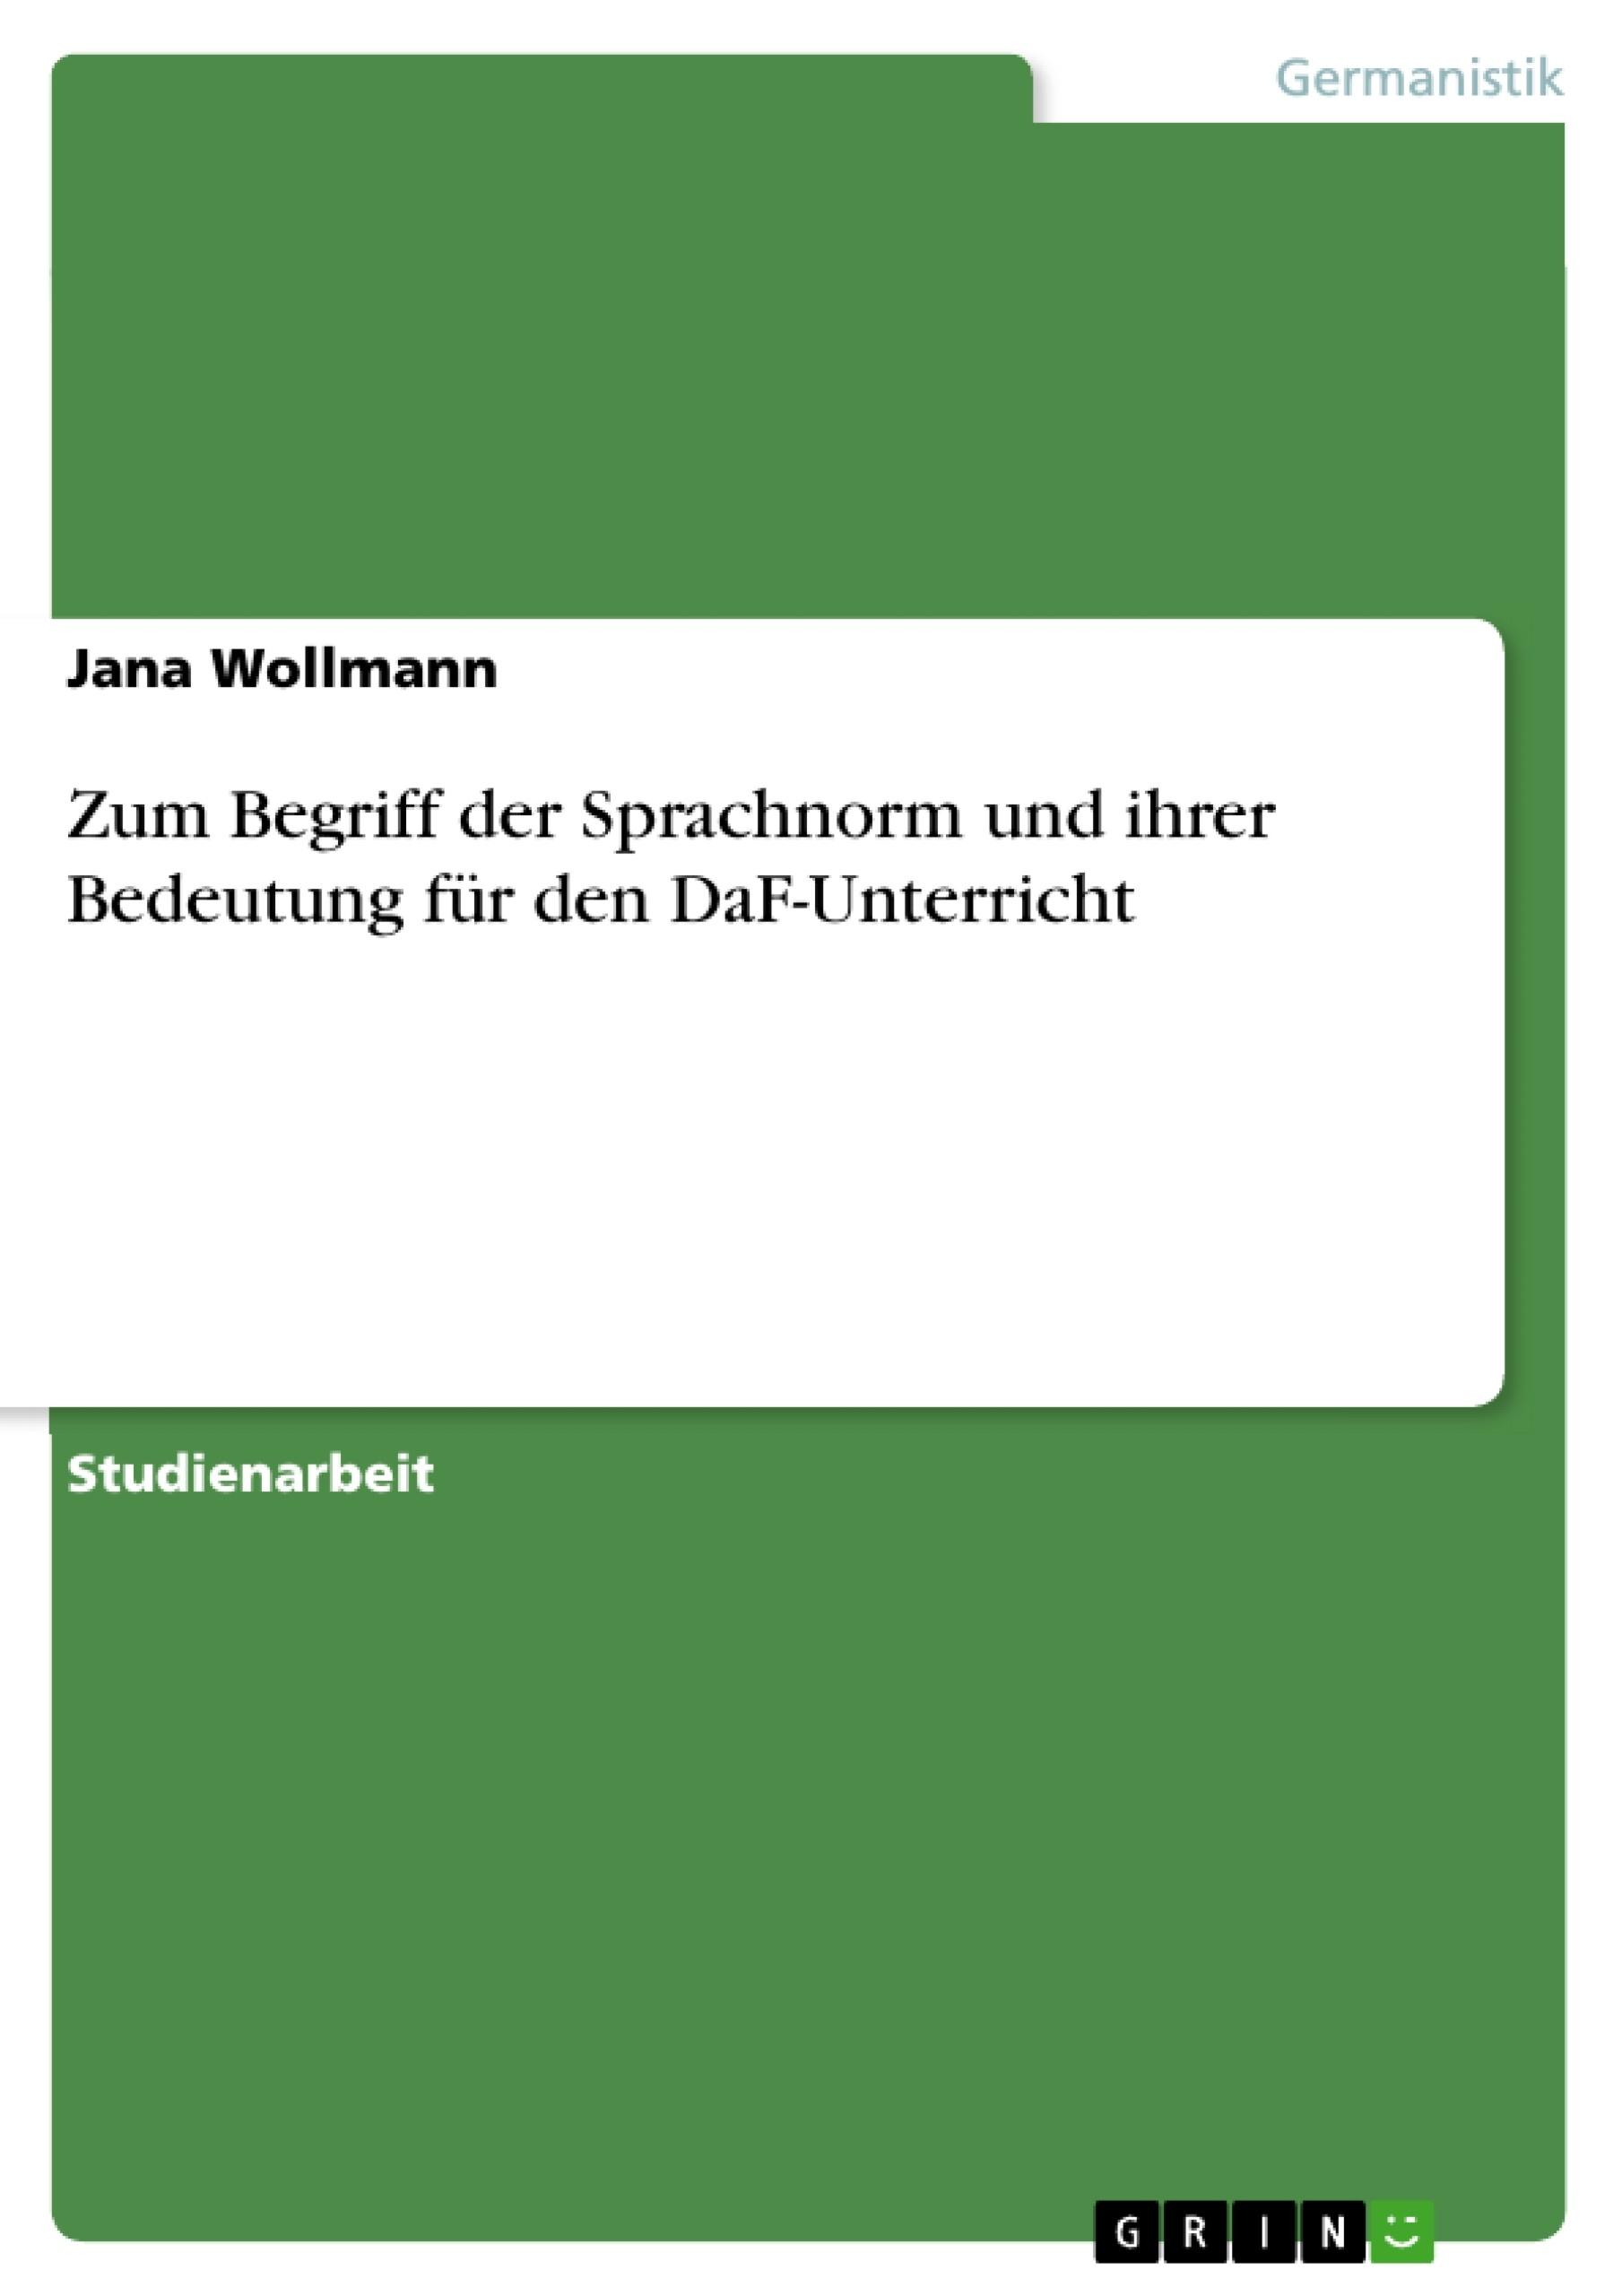 Titel: Zum Begriff der Sprachnorm und ihrer Bedeutung für den DaF-Unterricht